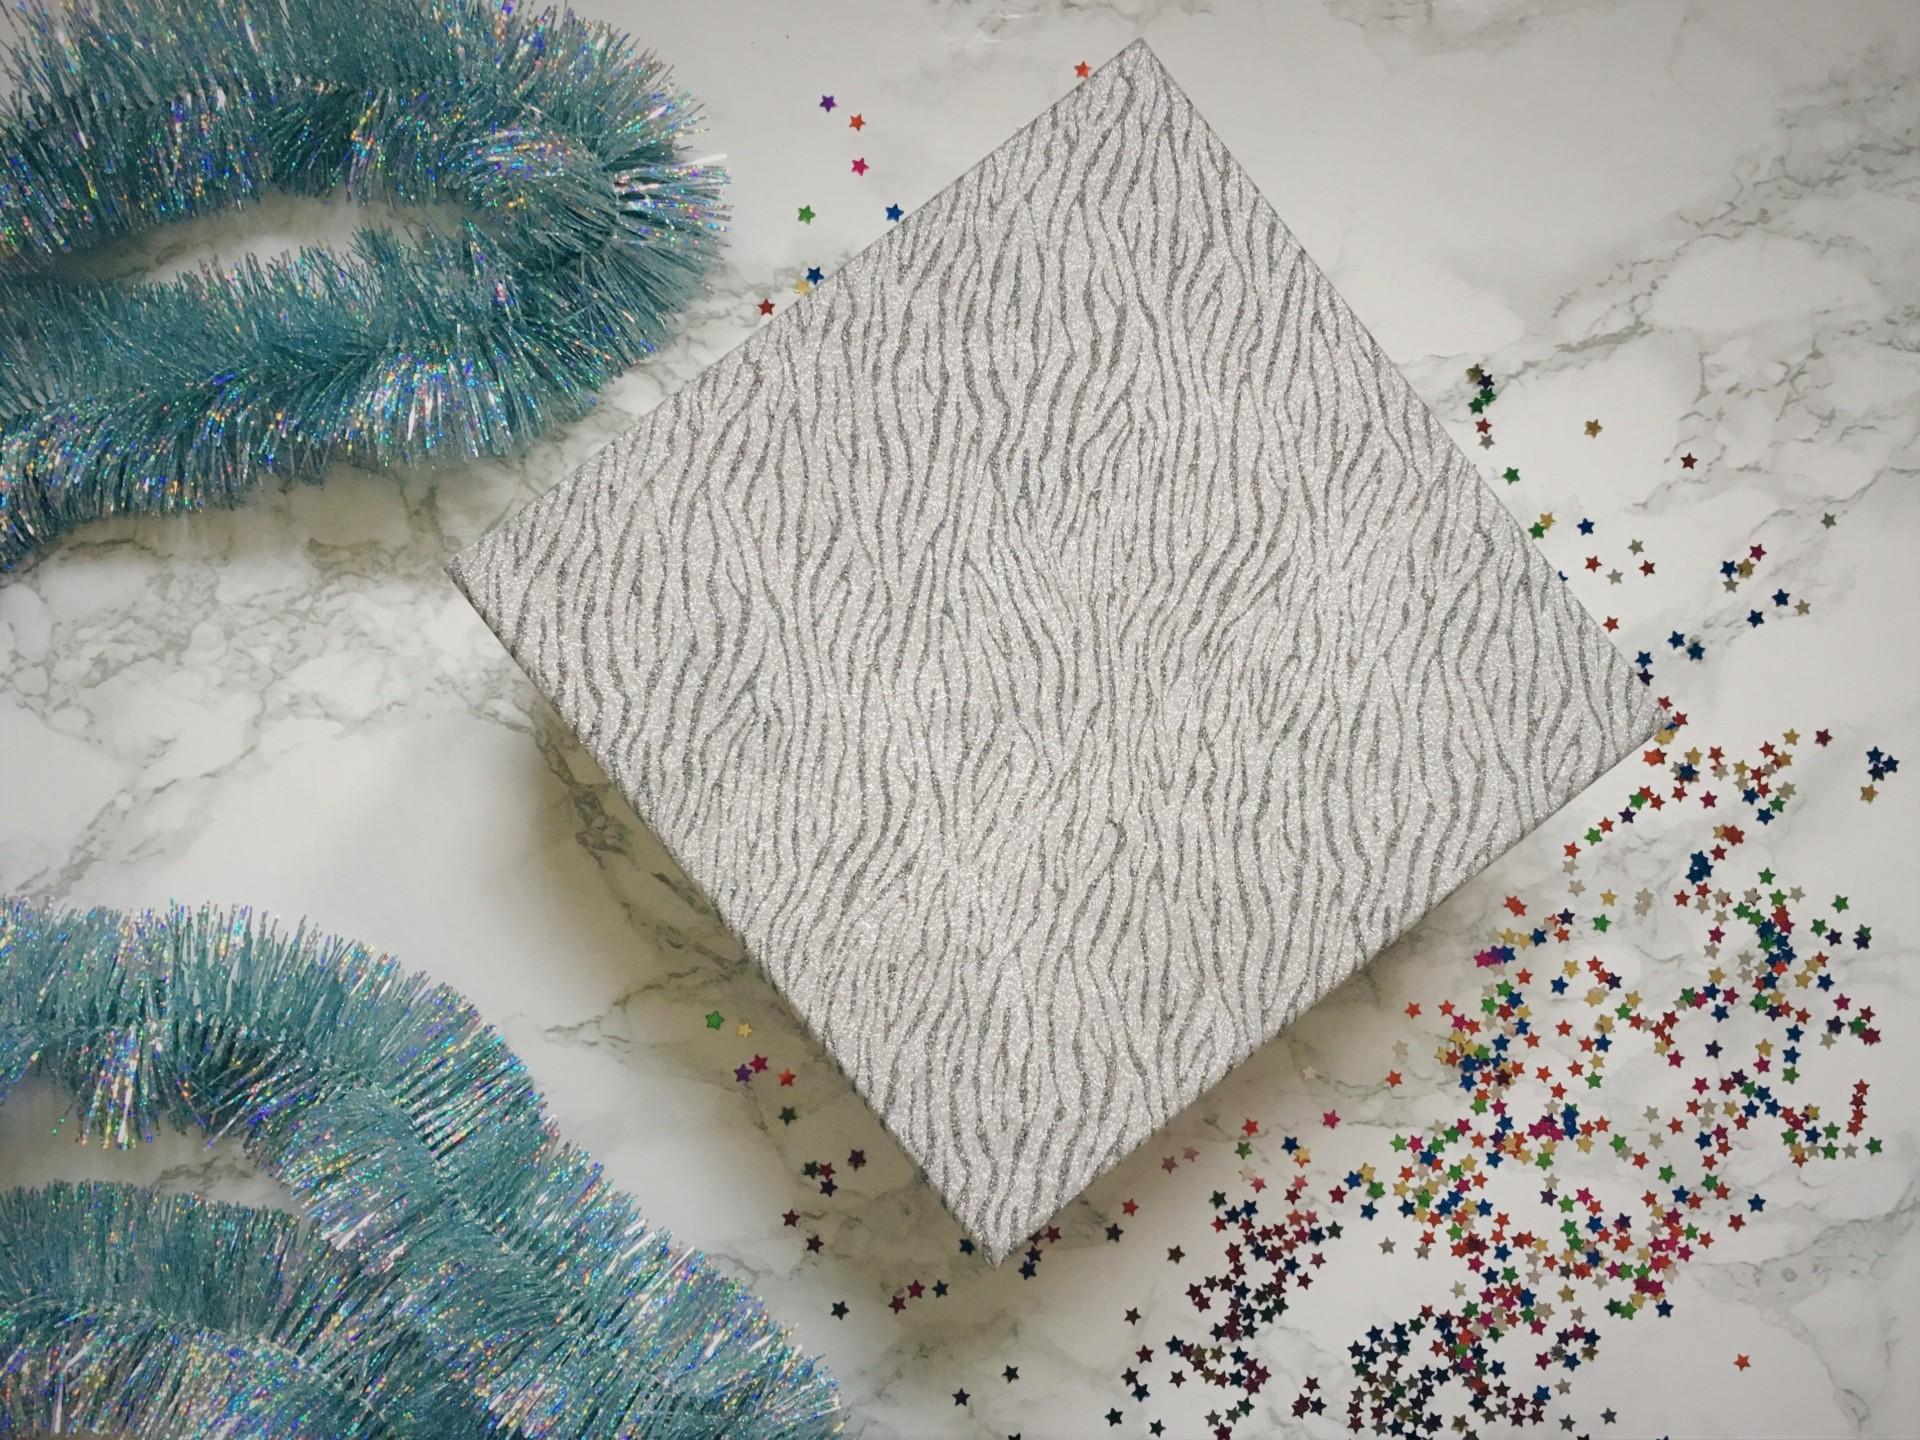 wie macht man das perfekte geschenk zu weihnachten dbk. Black Bedroom Furniture Sets. Home Design Ideas